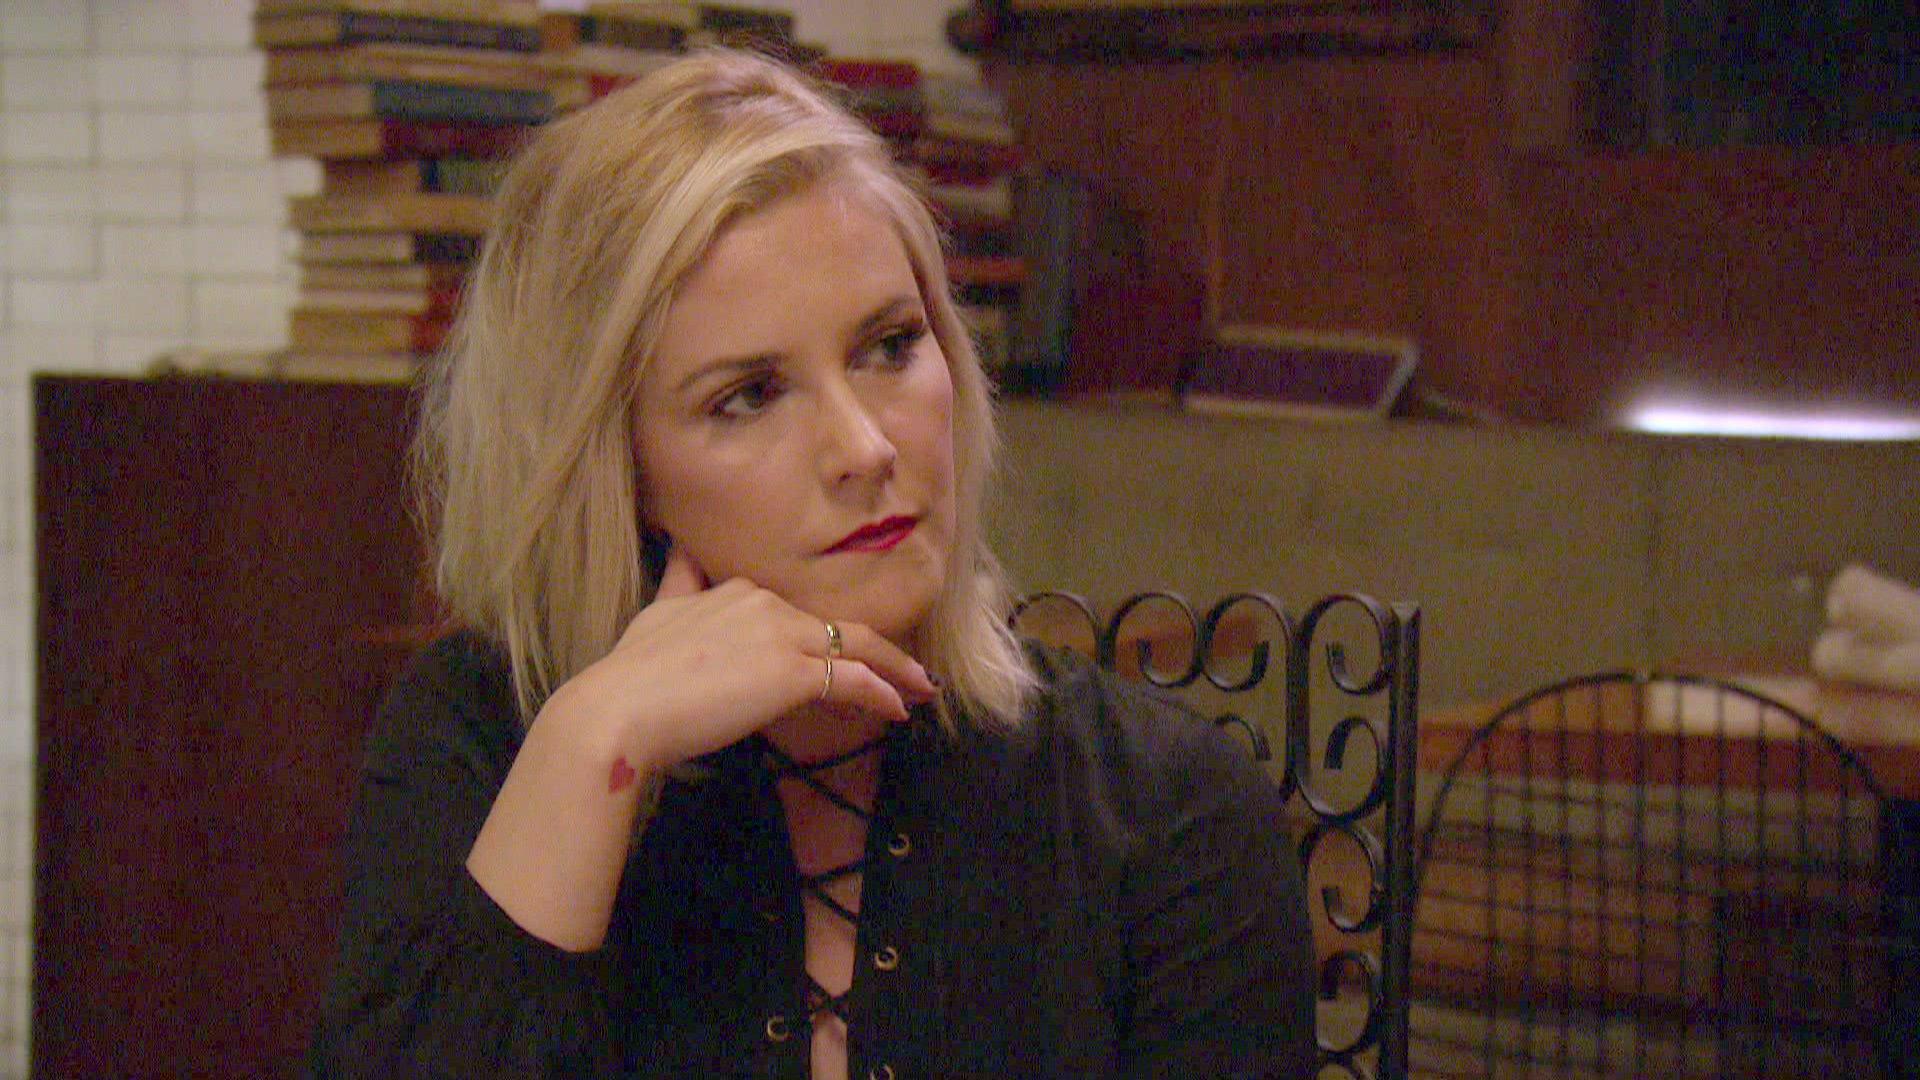 Total Divas - Season 6, Episode 1: photos